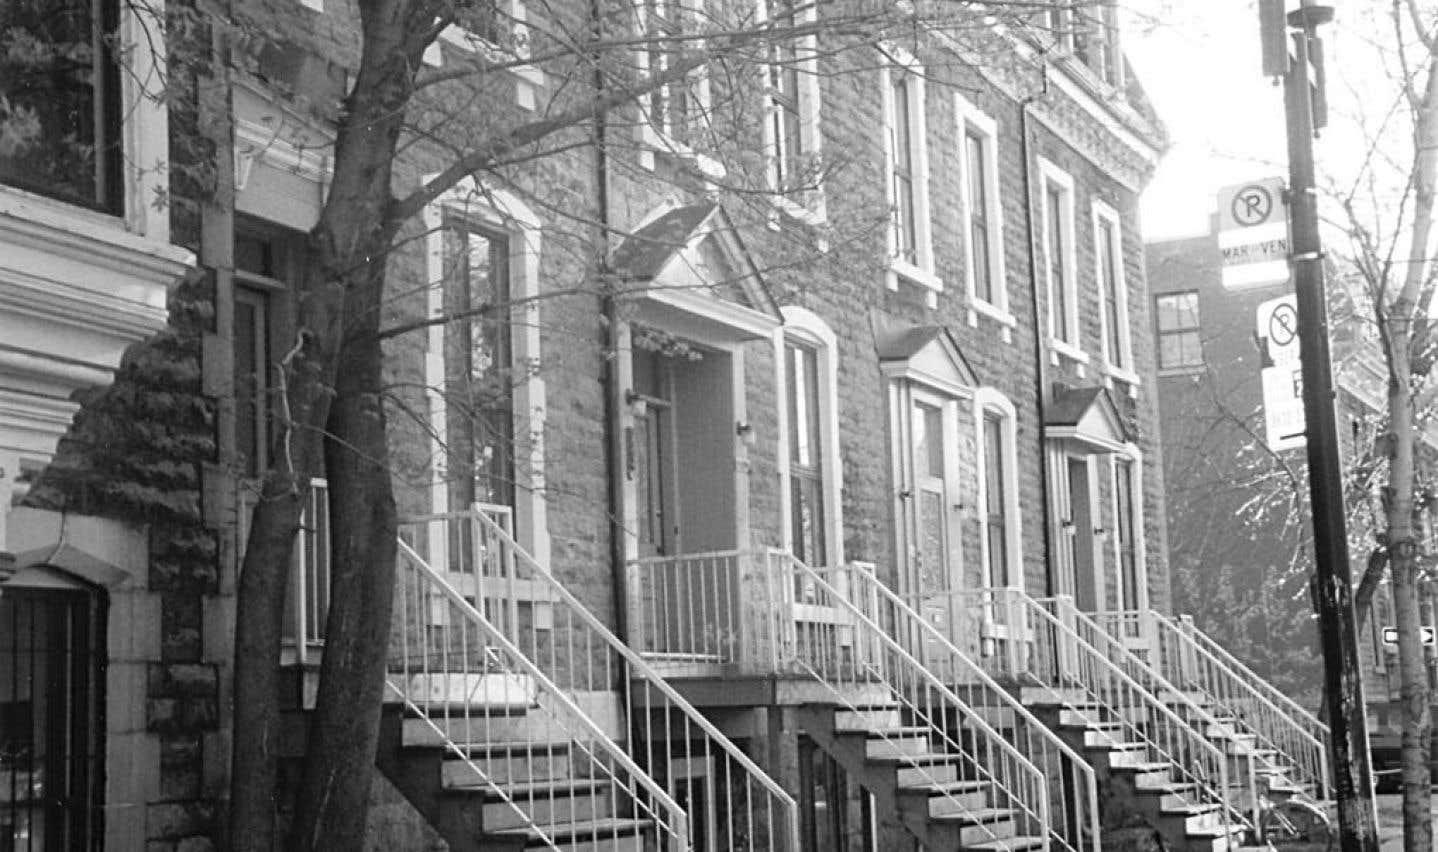 L'événement marquant du mouvement a été la création, dans les années 1970, de quinze coopératives d'habitation et de six OSBL d'habitation, dans le quartier Milton Parc à Montréal, qui ont permis la préservation de 616 logements.